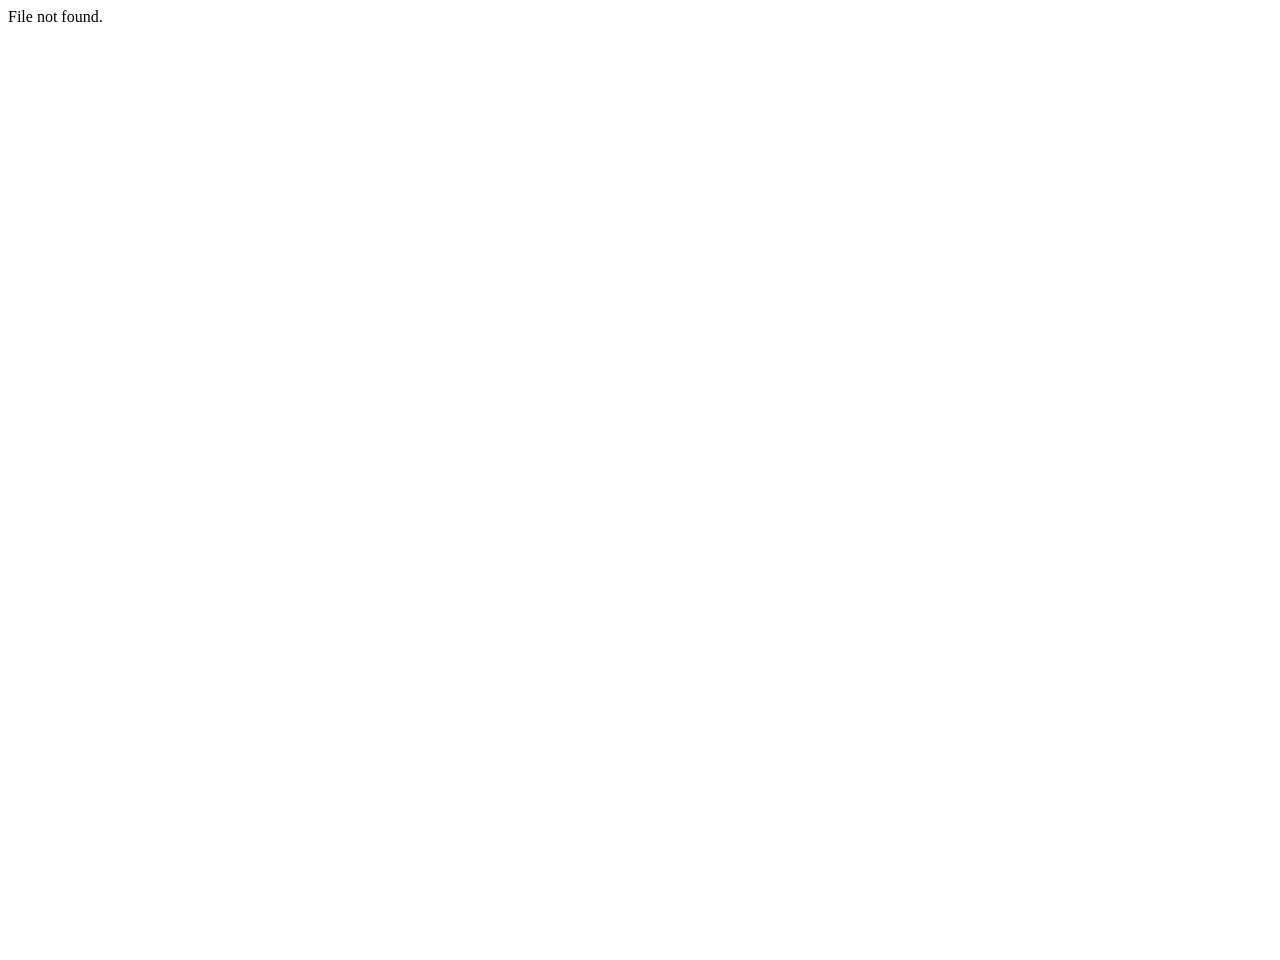 【轉知】雲林縣政府-「戀戀雲林溪 川越斗六門」雲林溪SHOW創藝徵選活動